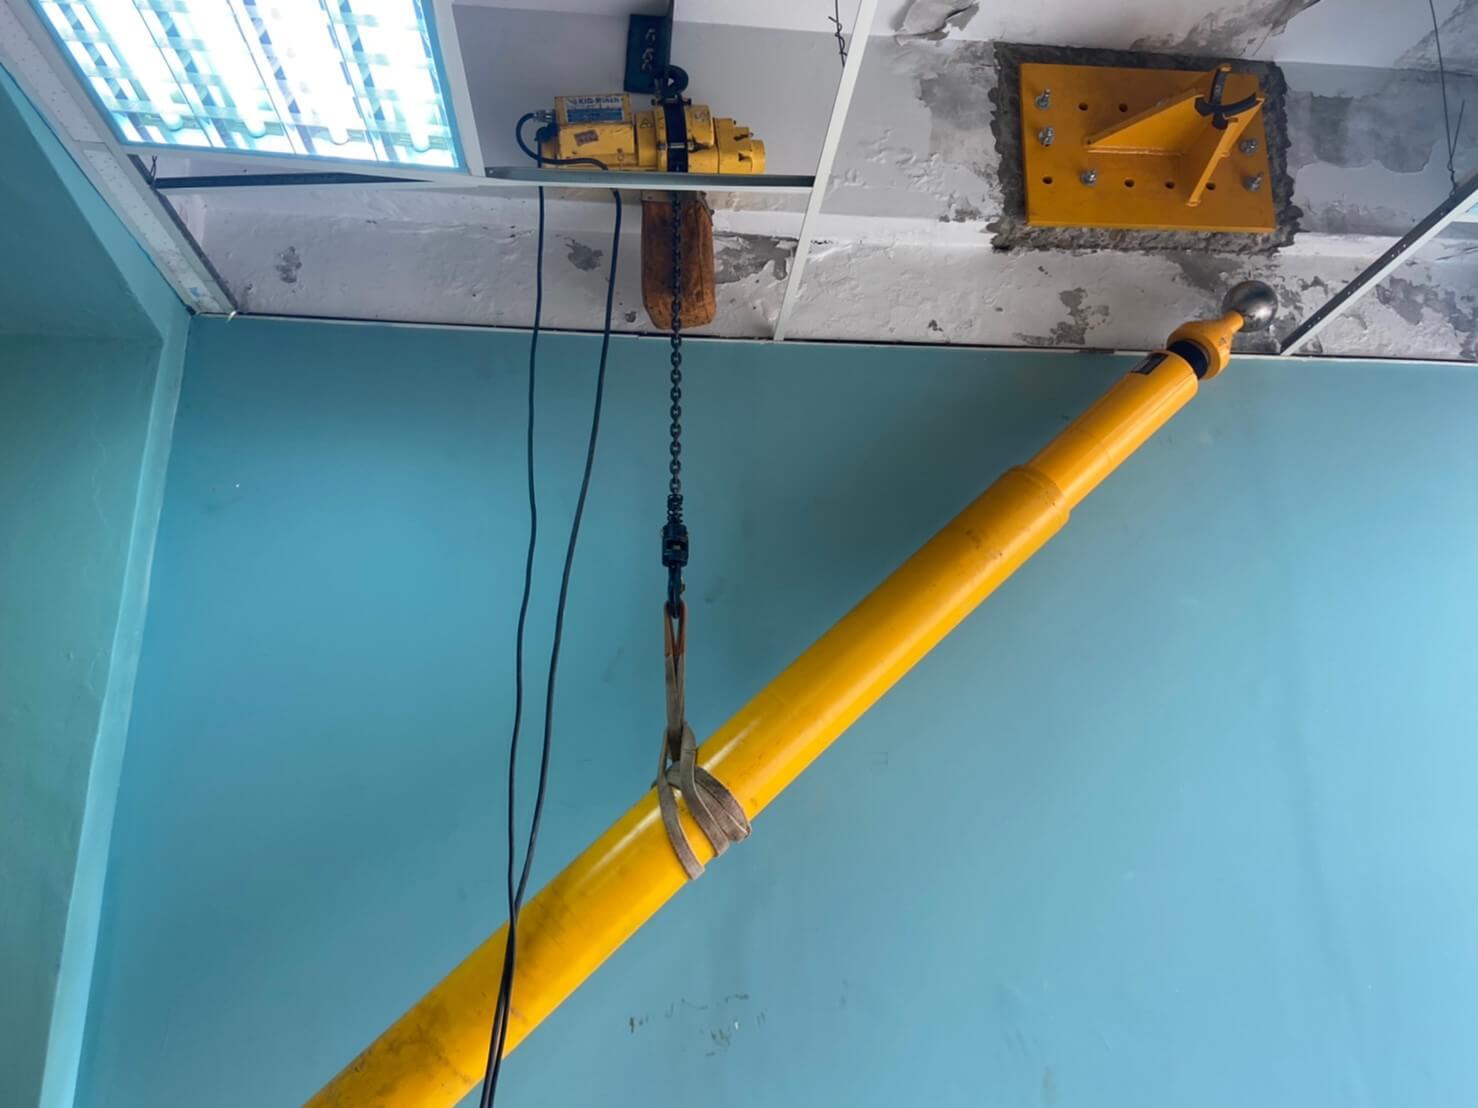 8.鋼構安裝、電焊、鑽孔植筋